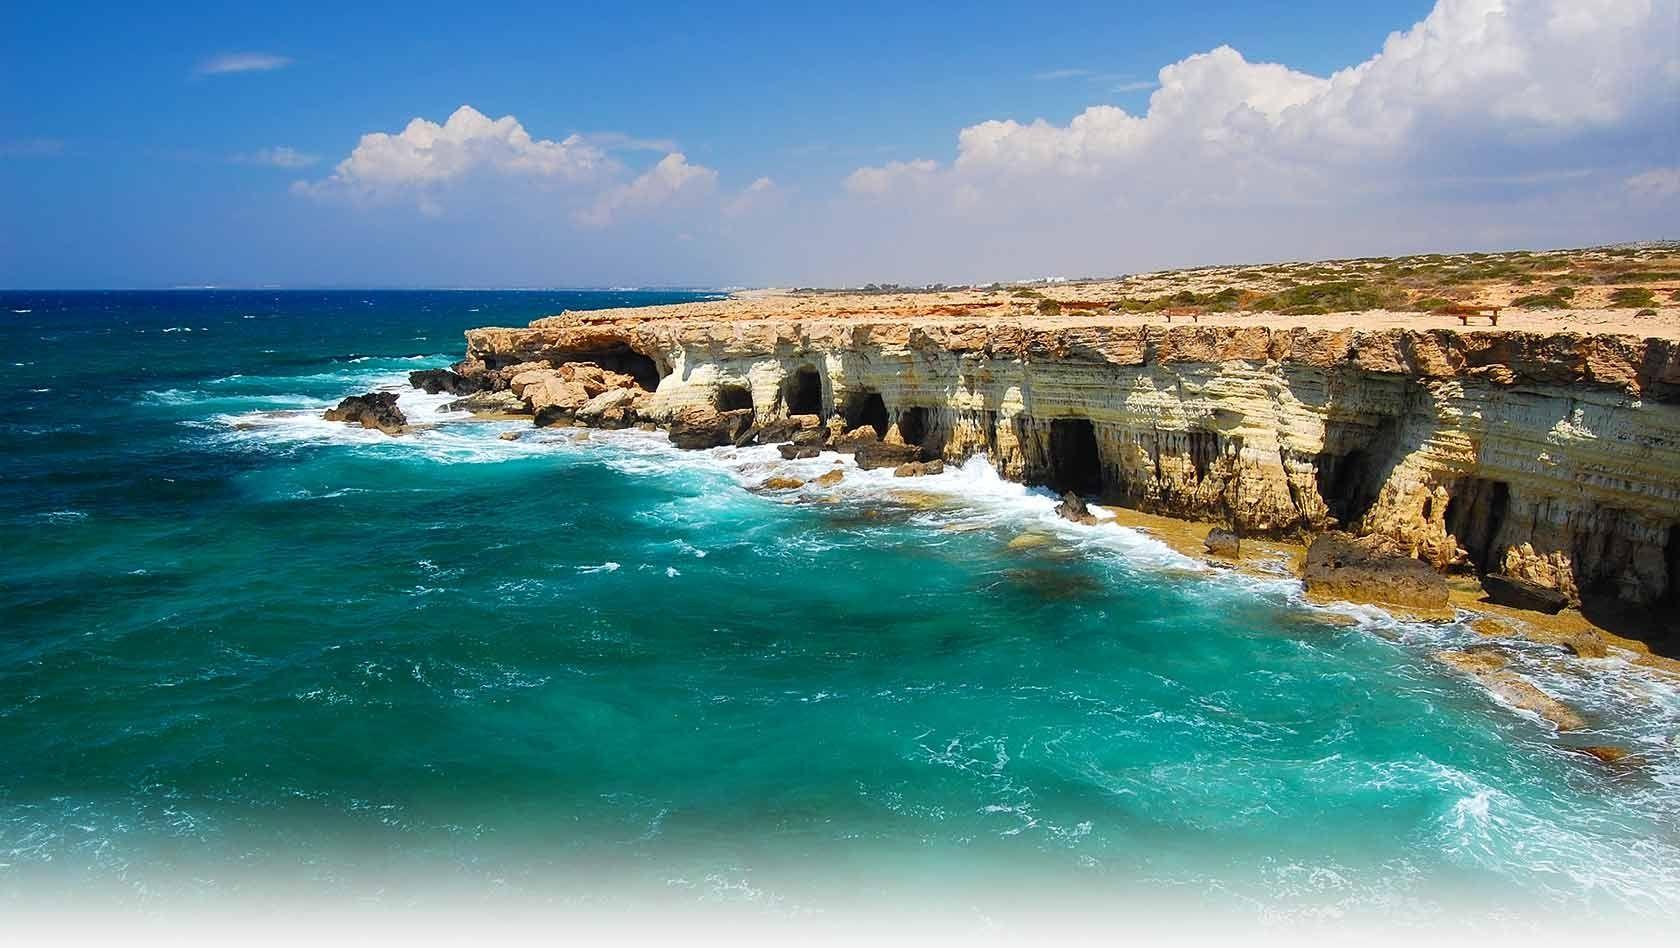 Foto Negara Cyprus - Tujuan Favorite Spa Therapist di Bali